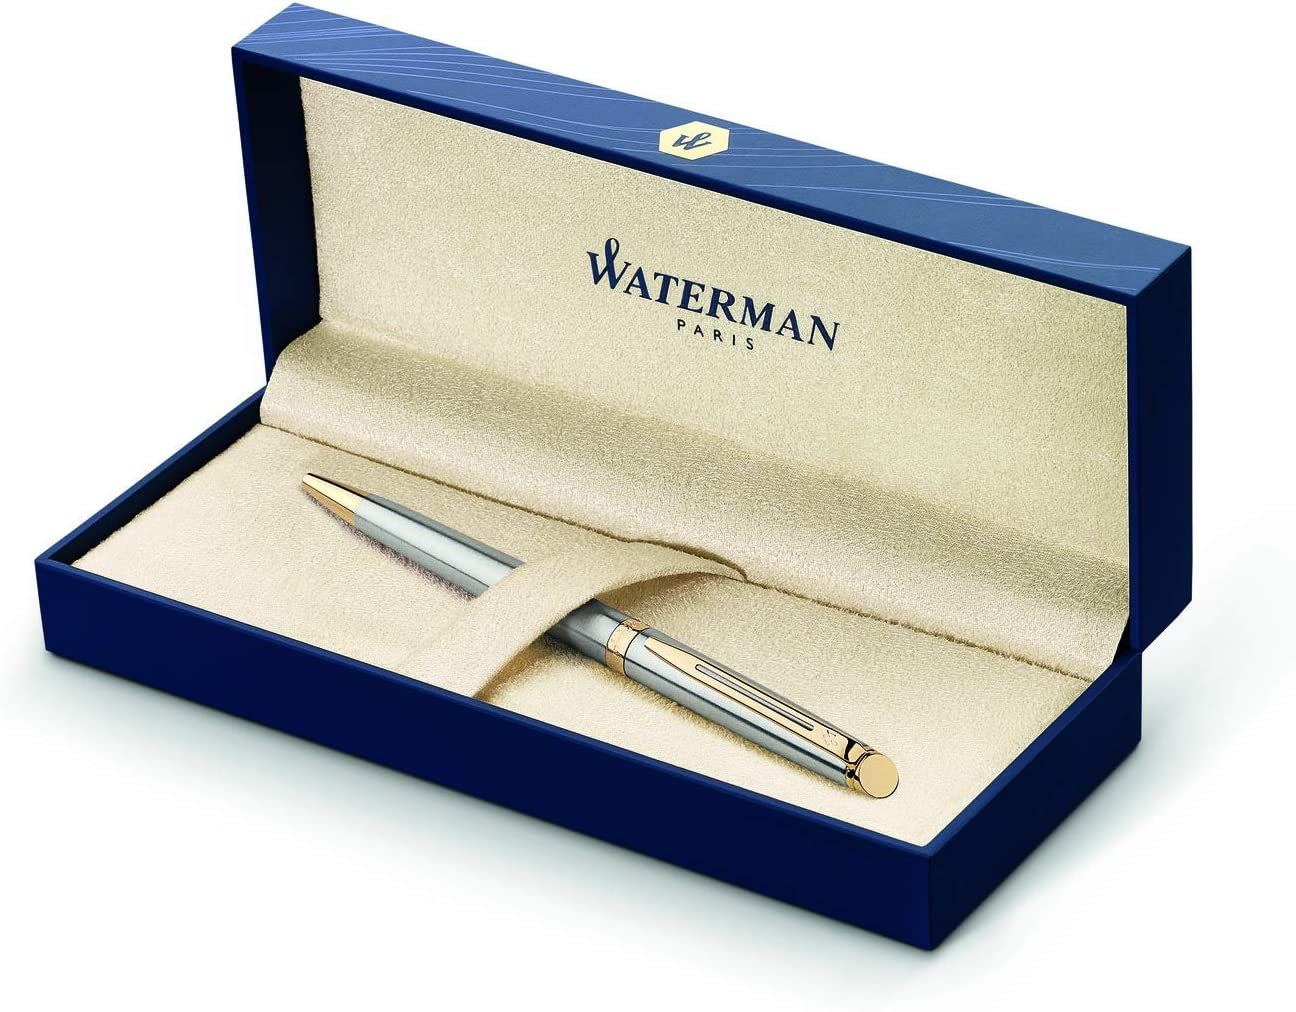 Waterman Hémisphère bolígrafo, con adorno cromado, punta media con cartucho de tinta azul, estuche de regalo, color blanco brillante: Amazon.es: Oficina y papelería